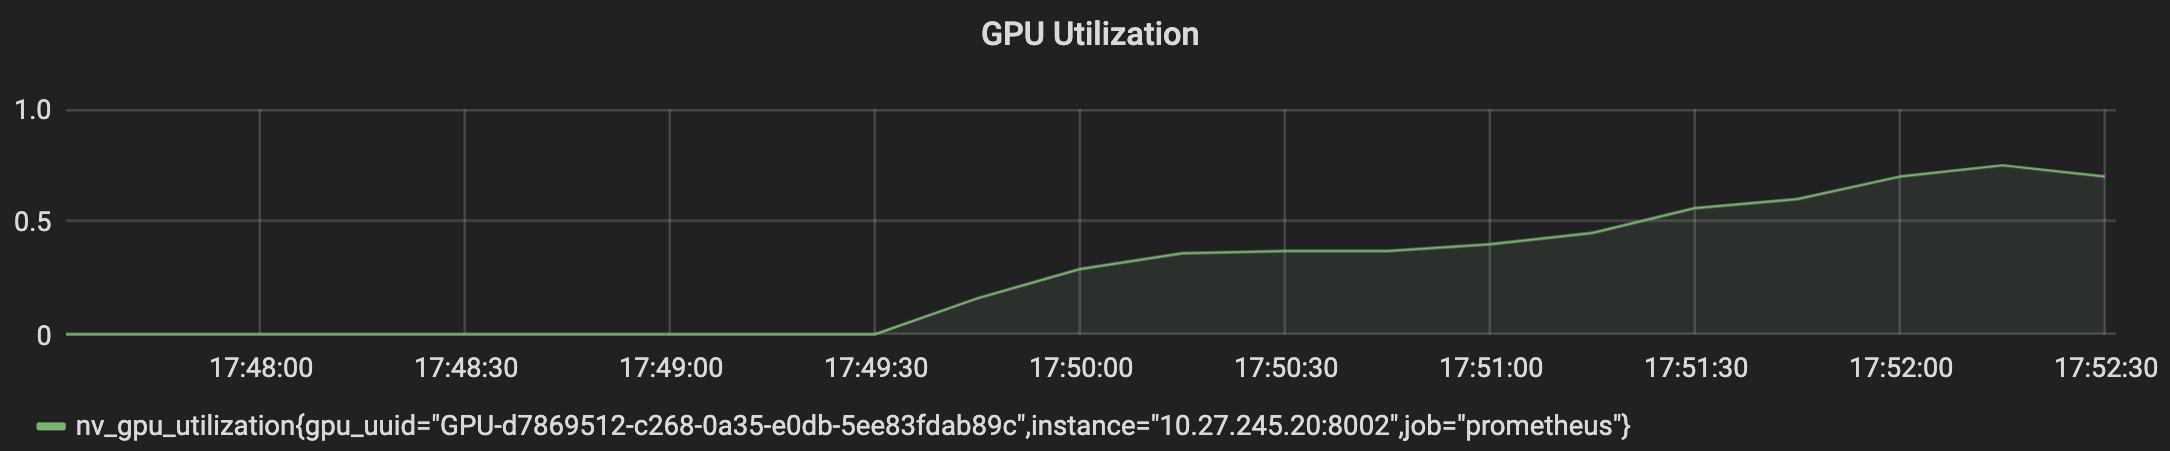 Grafik mit GPU-Auslastung von 75 %